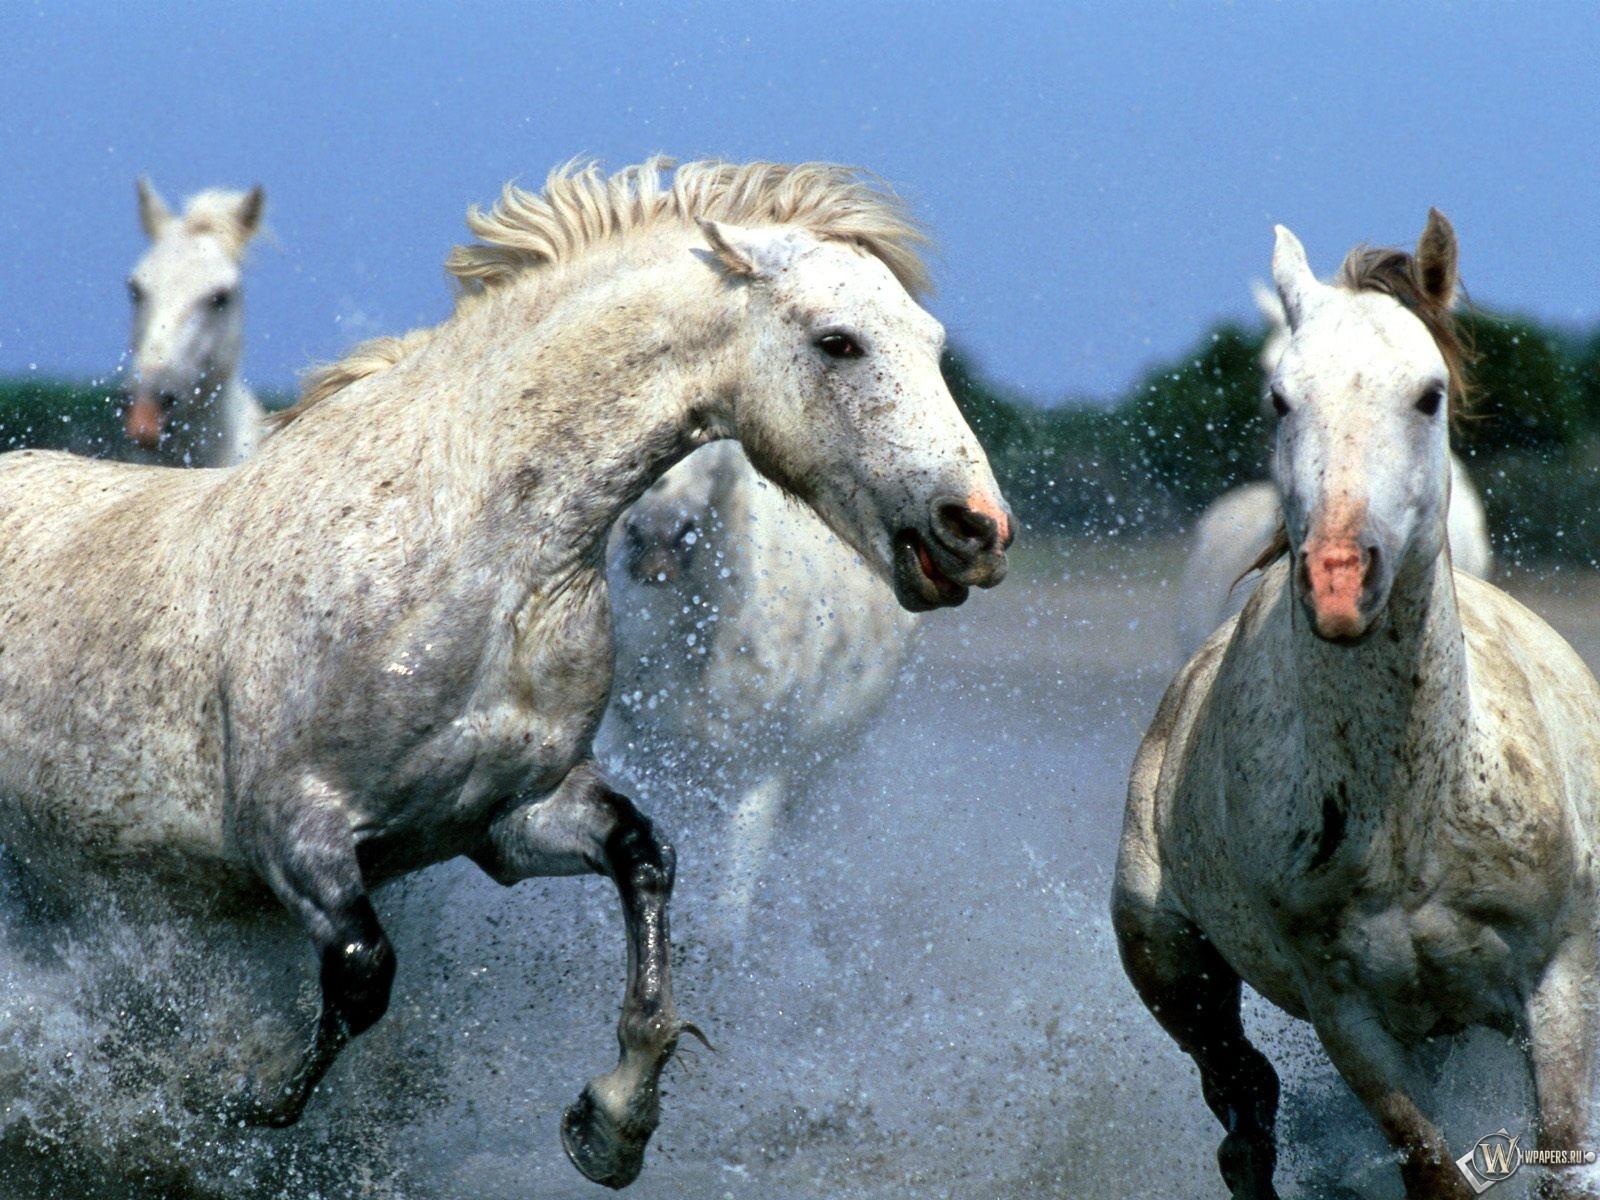 Лошади бегут по воде 1600x1200